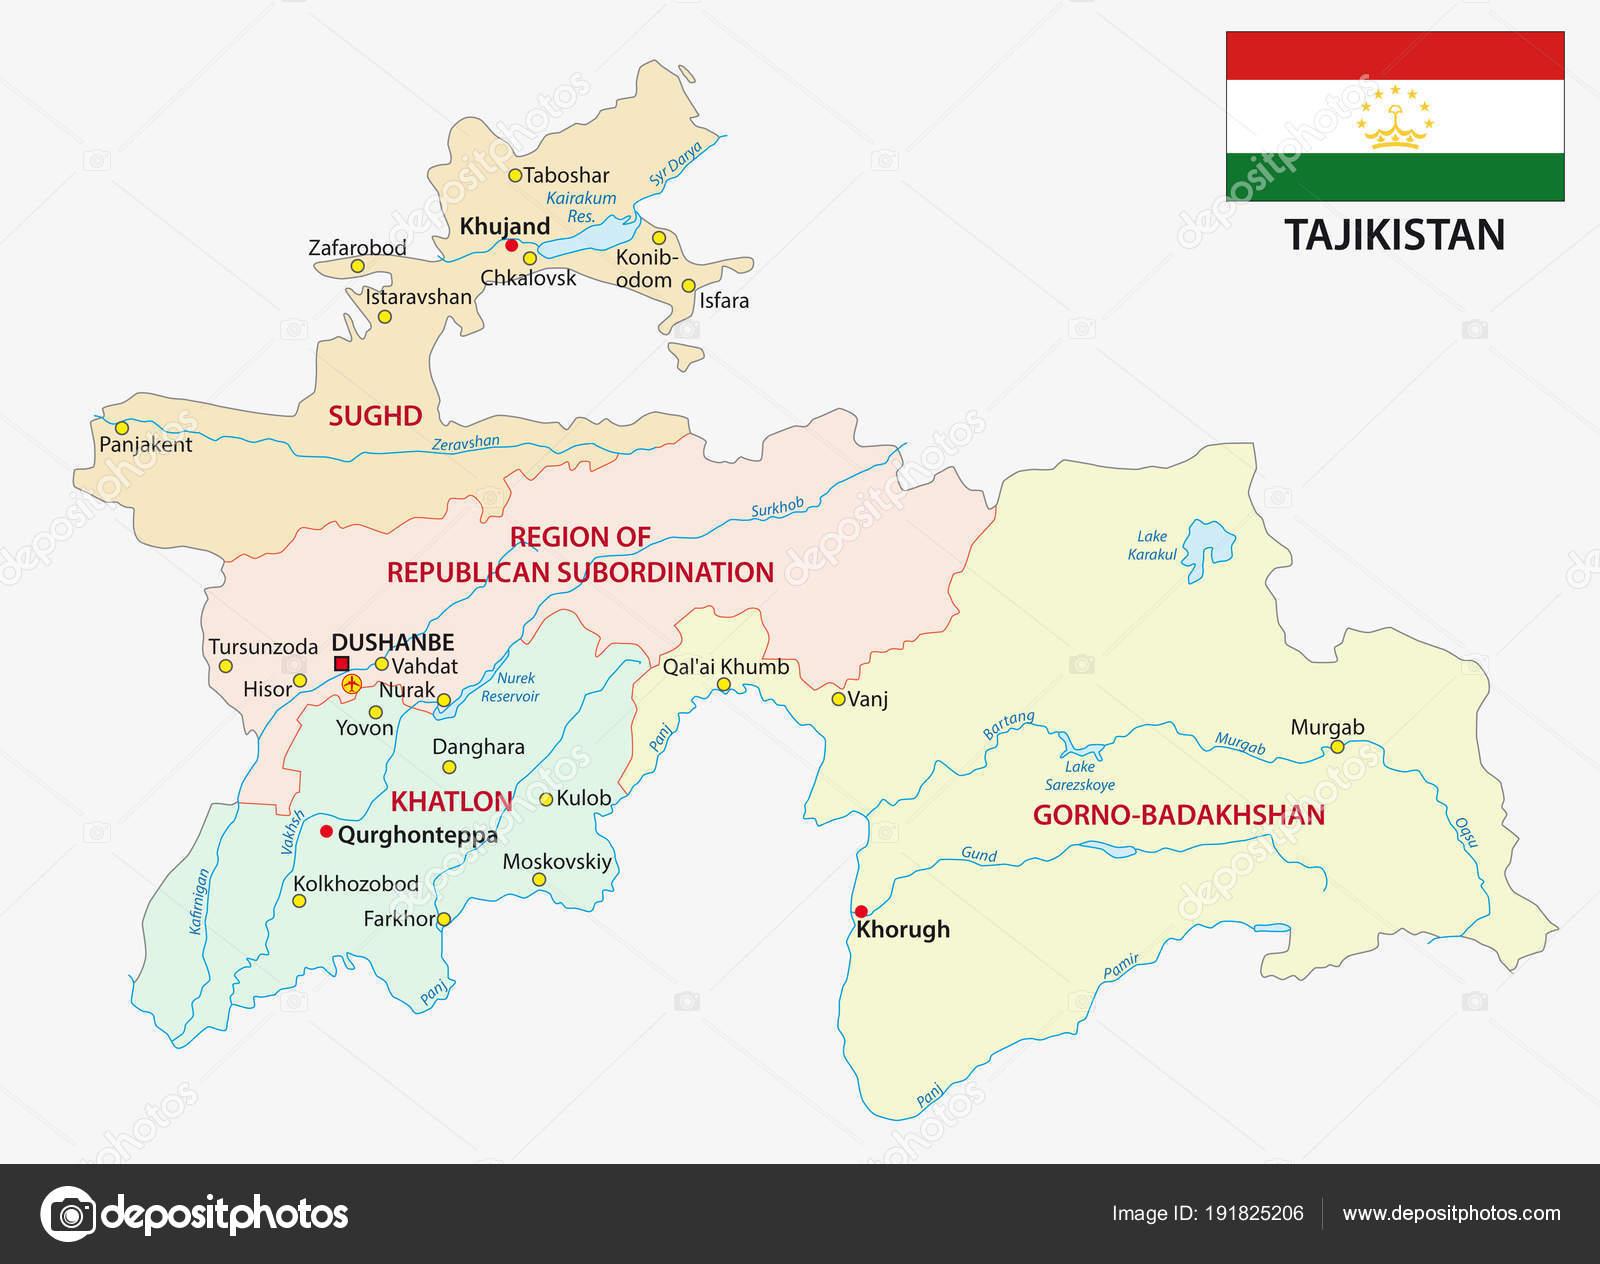 タジキスタンの行政区画